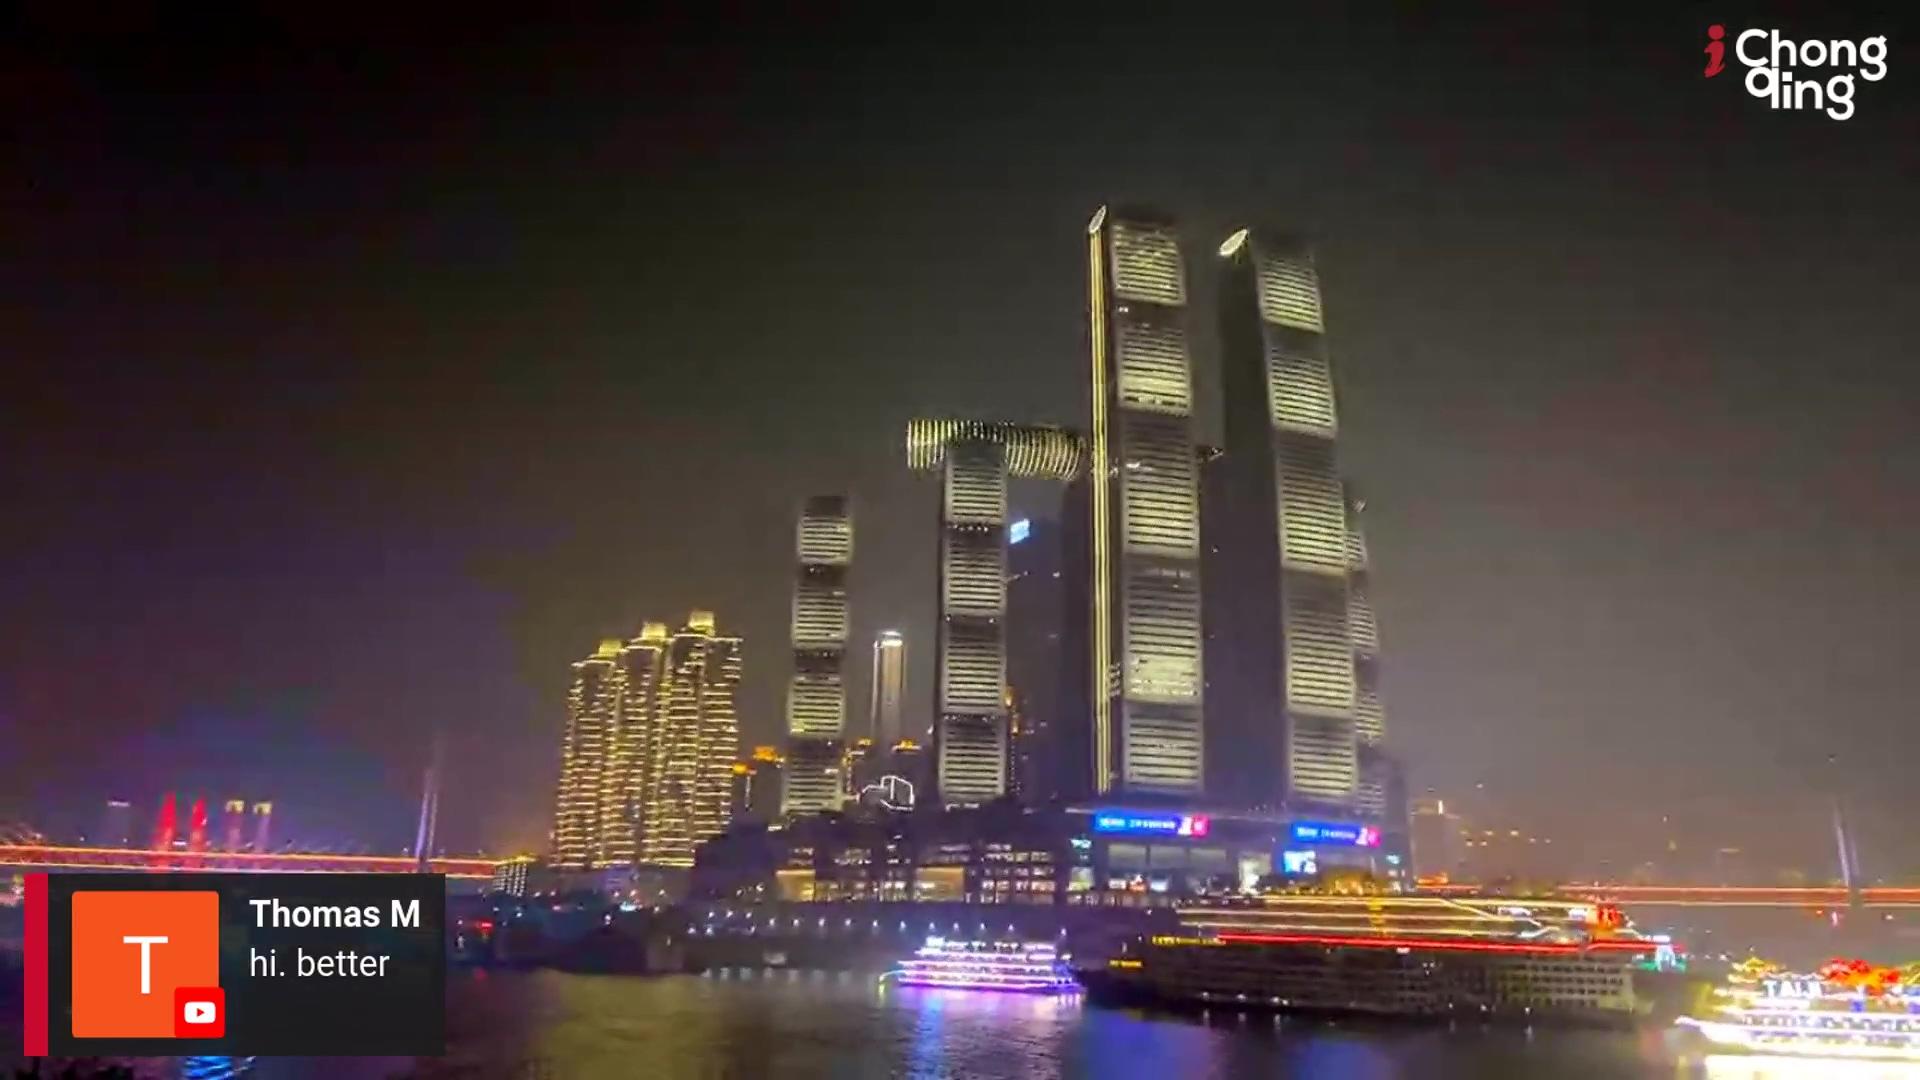 Light effects of Chongqing